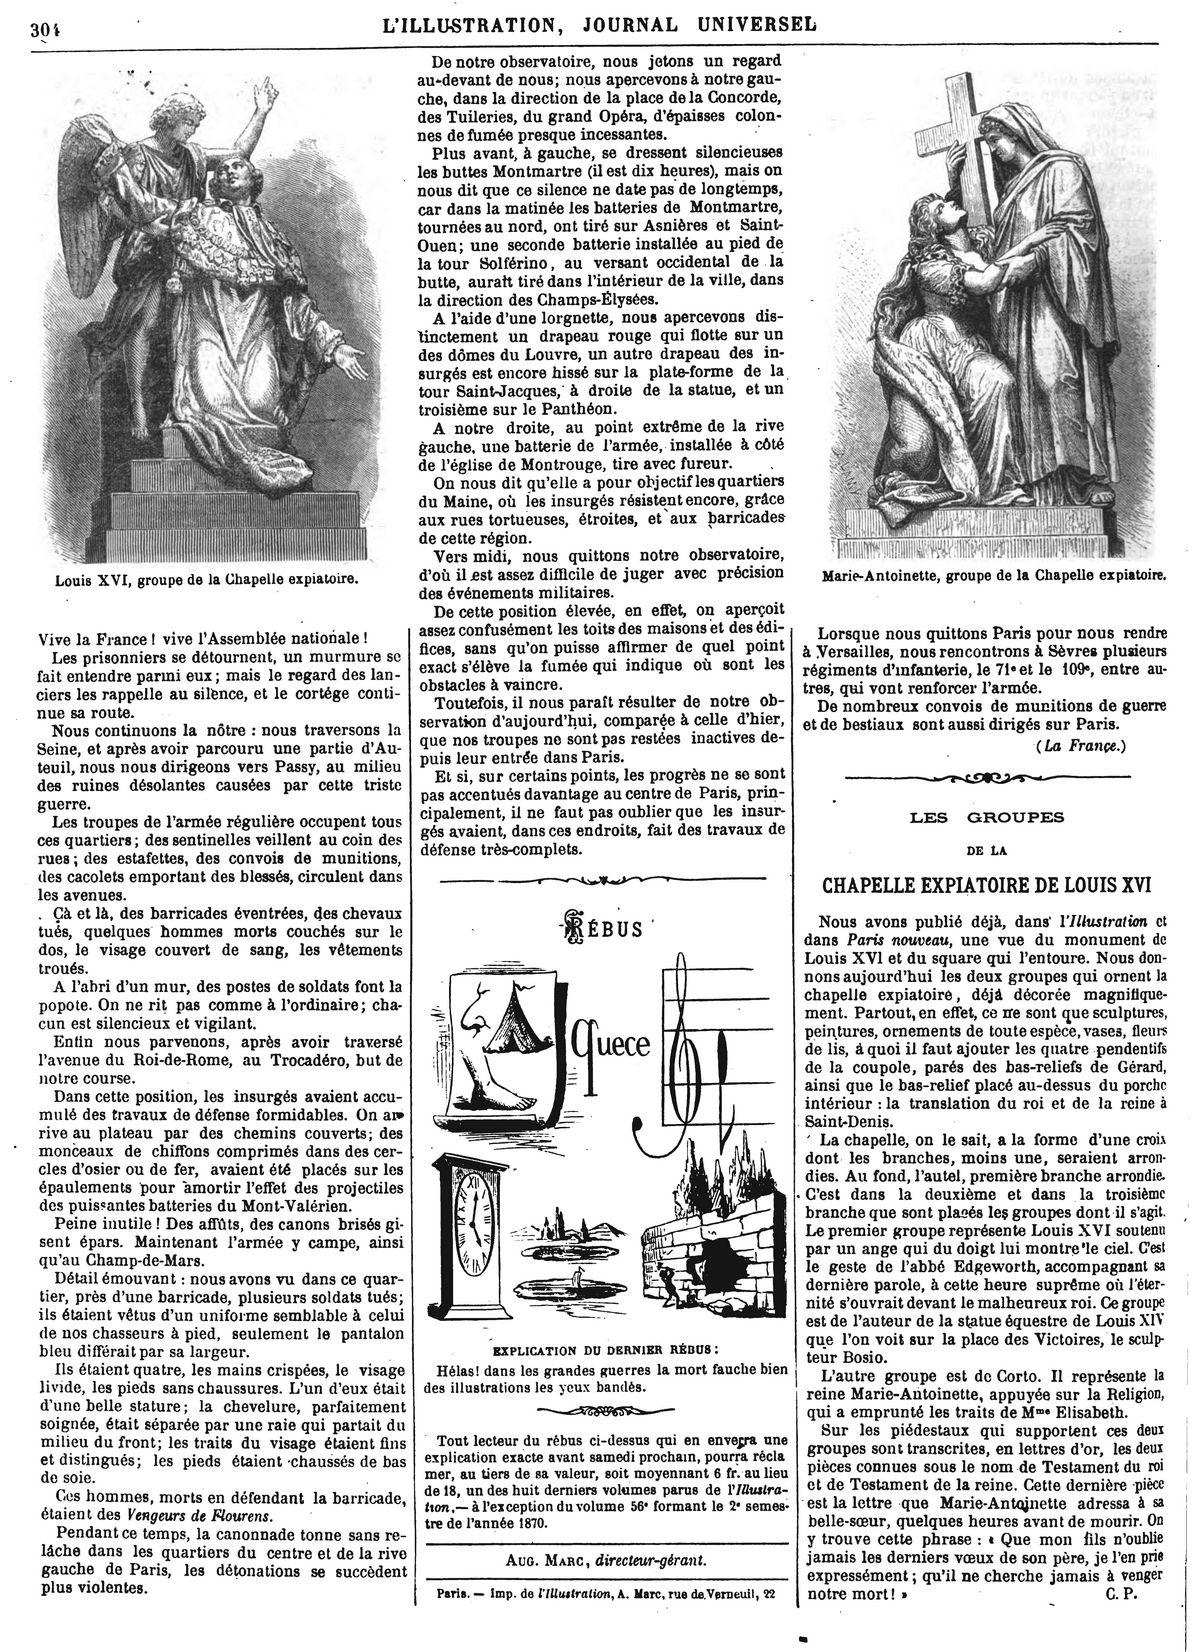 la chapelle expiatoire - Page 8 1871-illustration-1474_Page_16